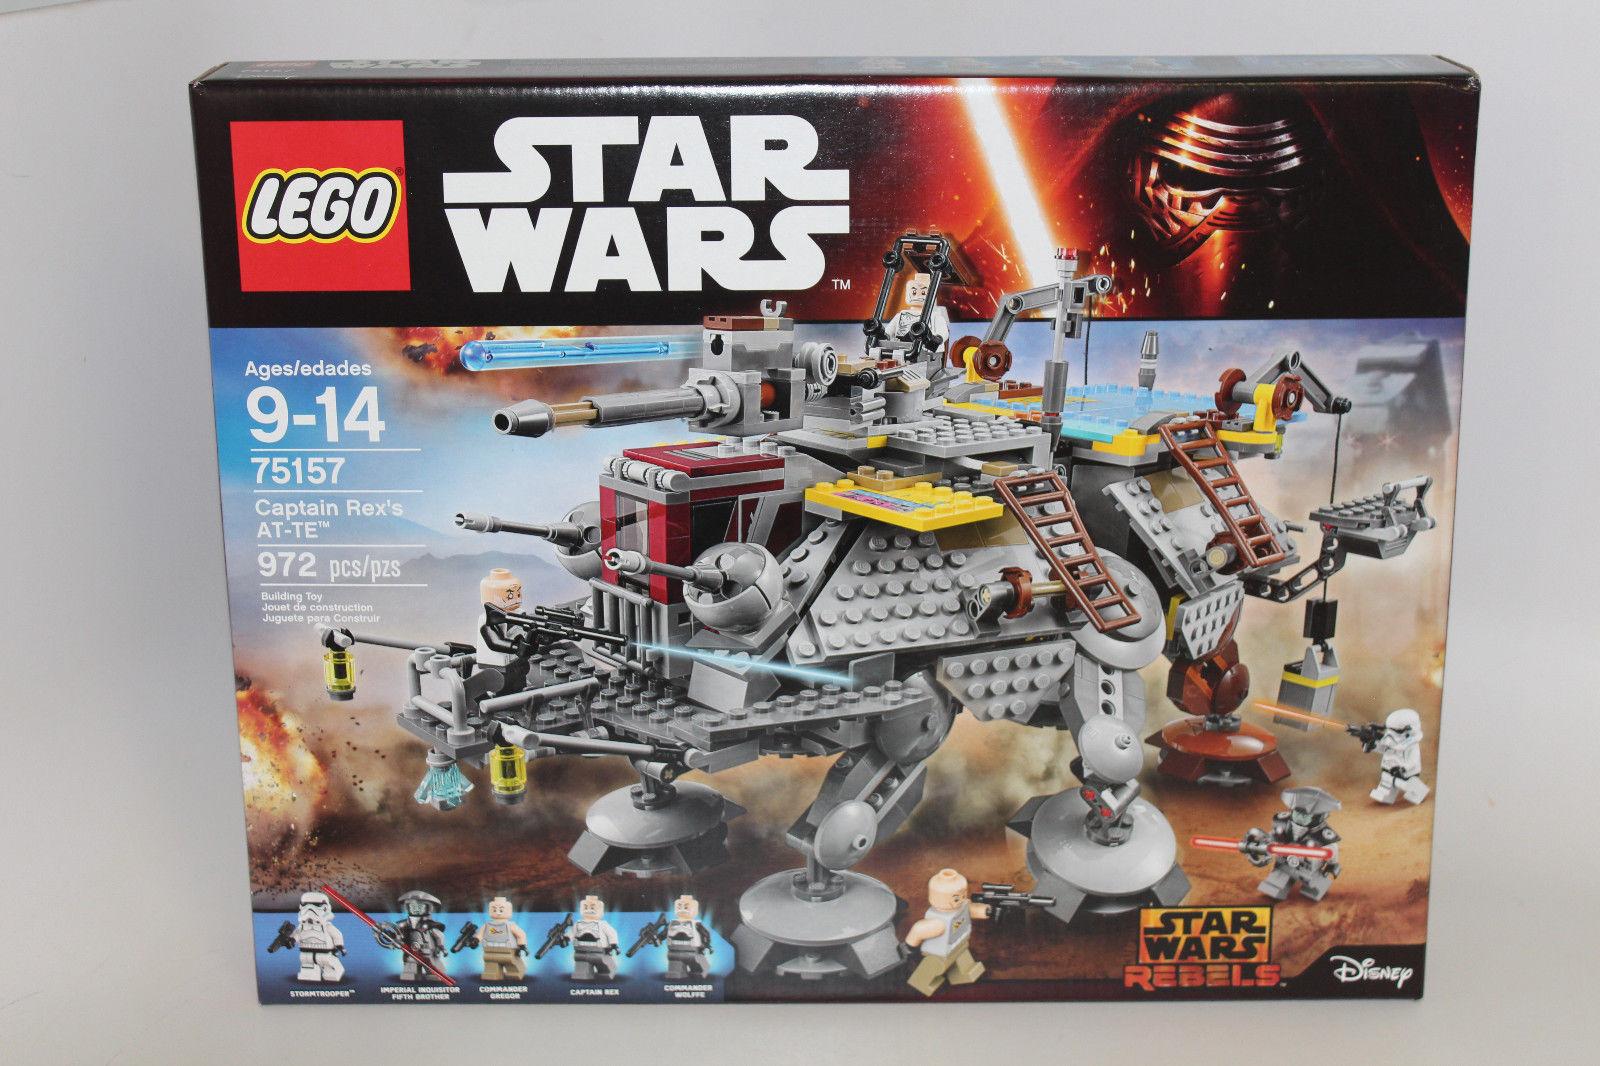 【瞎買天堂x現貨免運】樂高 LEGO 星際大戰 75157 Captain Rex's AT-TE【TYLESW13】